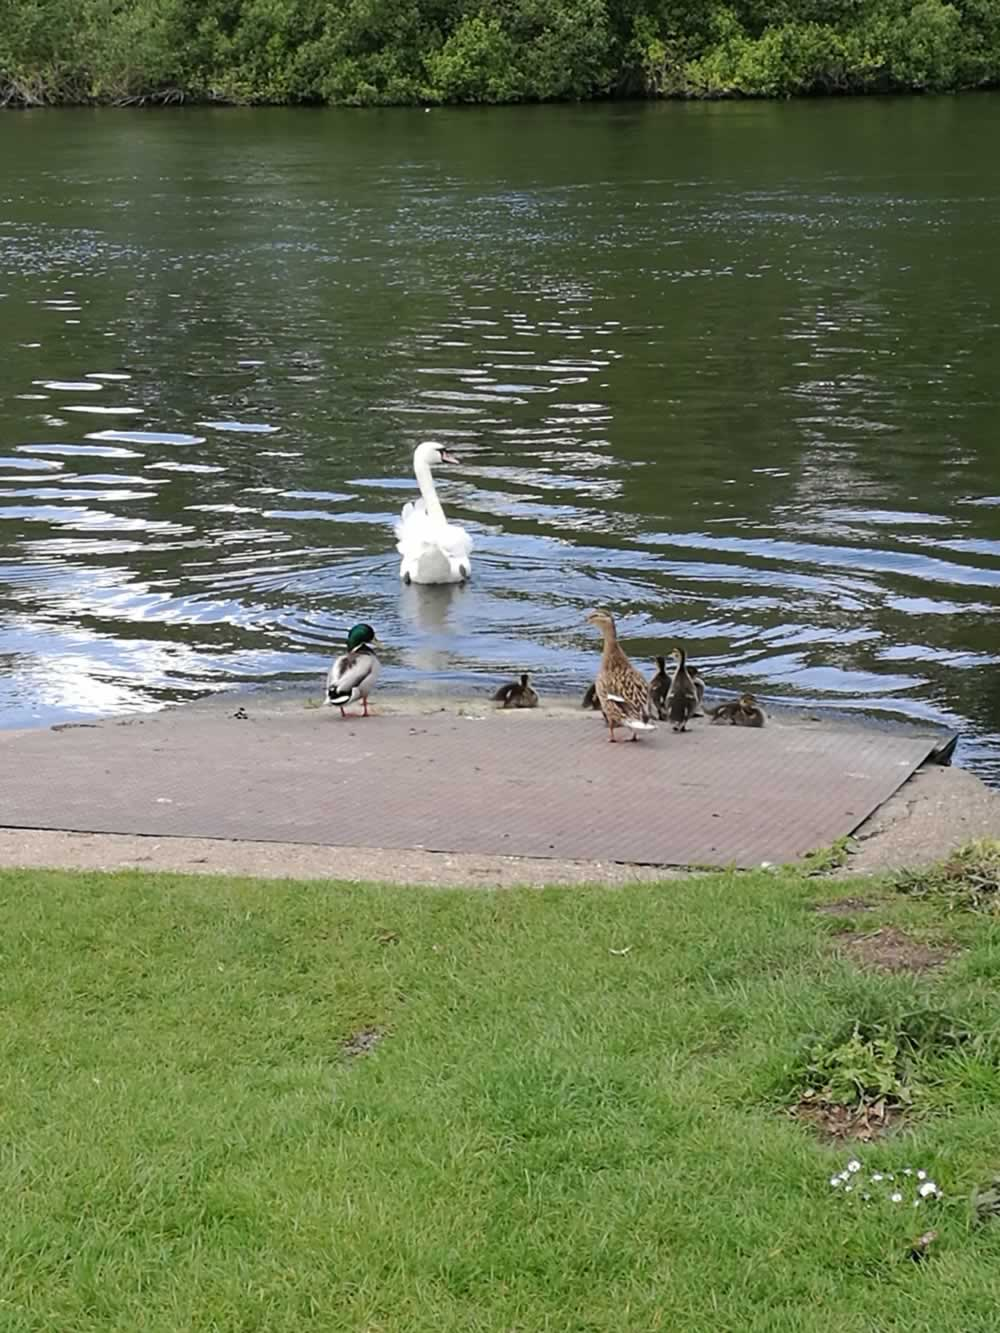 swan in river